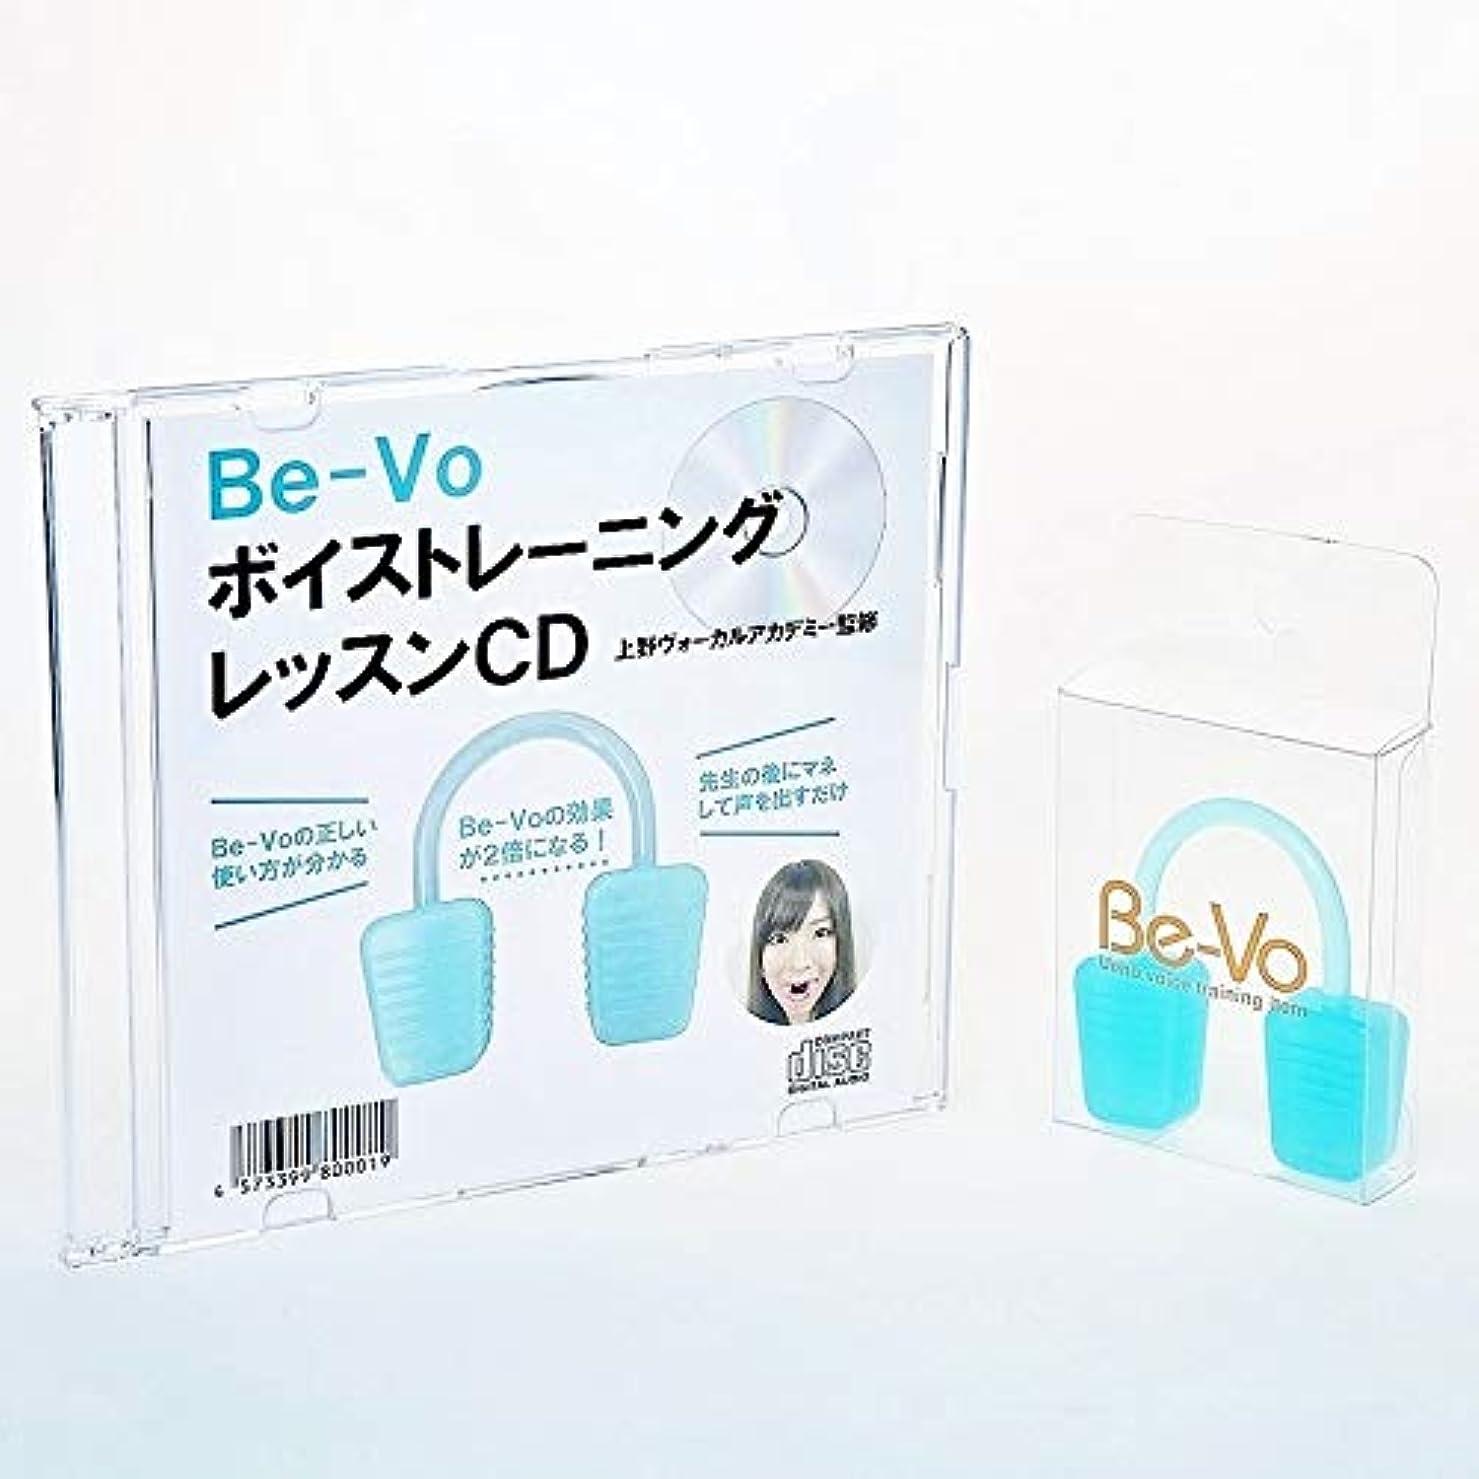 ライド不足コンピューターゲームをプレイするBe-Vo CD セット ブルー ボイストレーニング器具Be-Vo(ビーボ)+Be-VoボイストレーニングレッスンCD2点セット